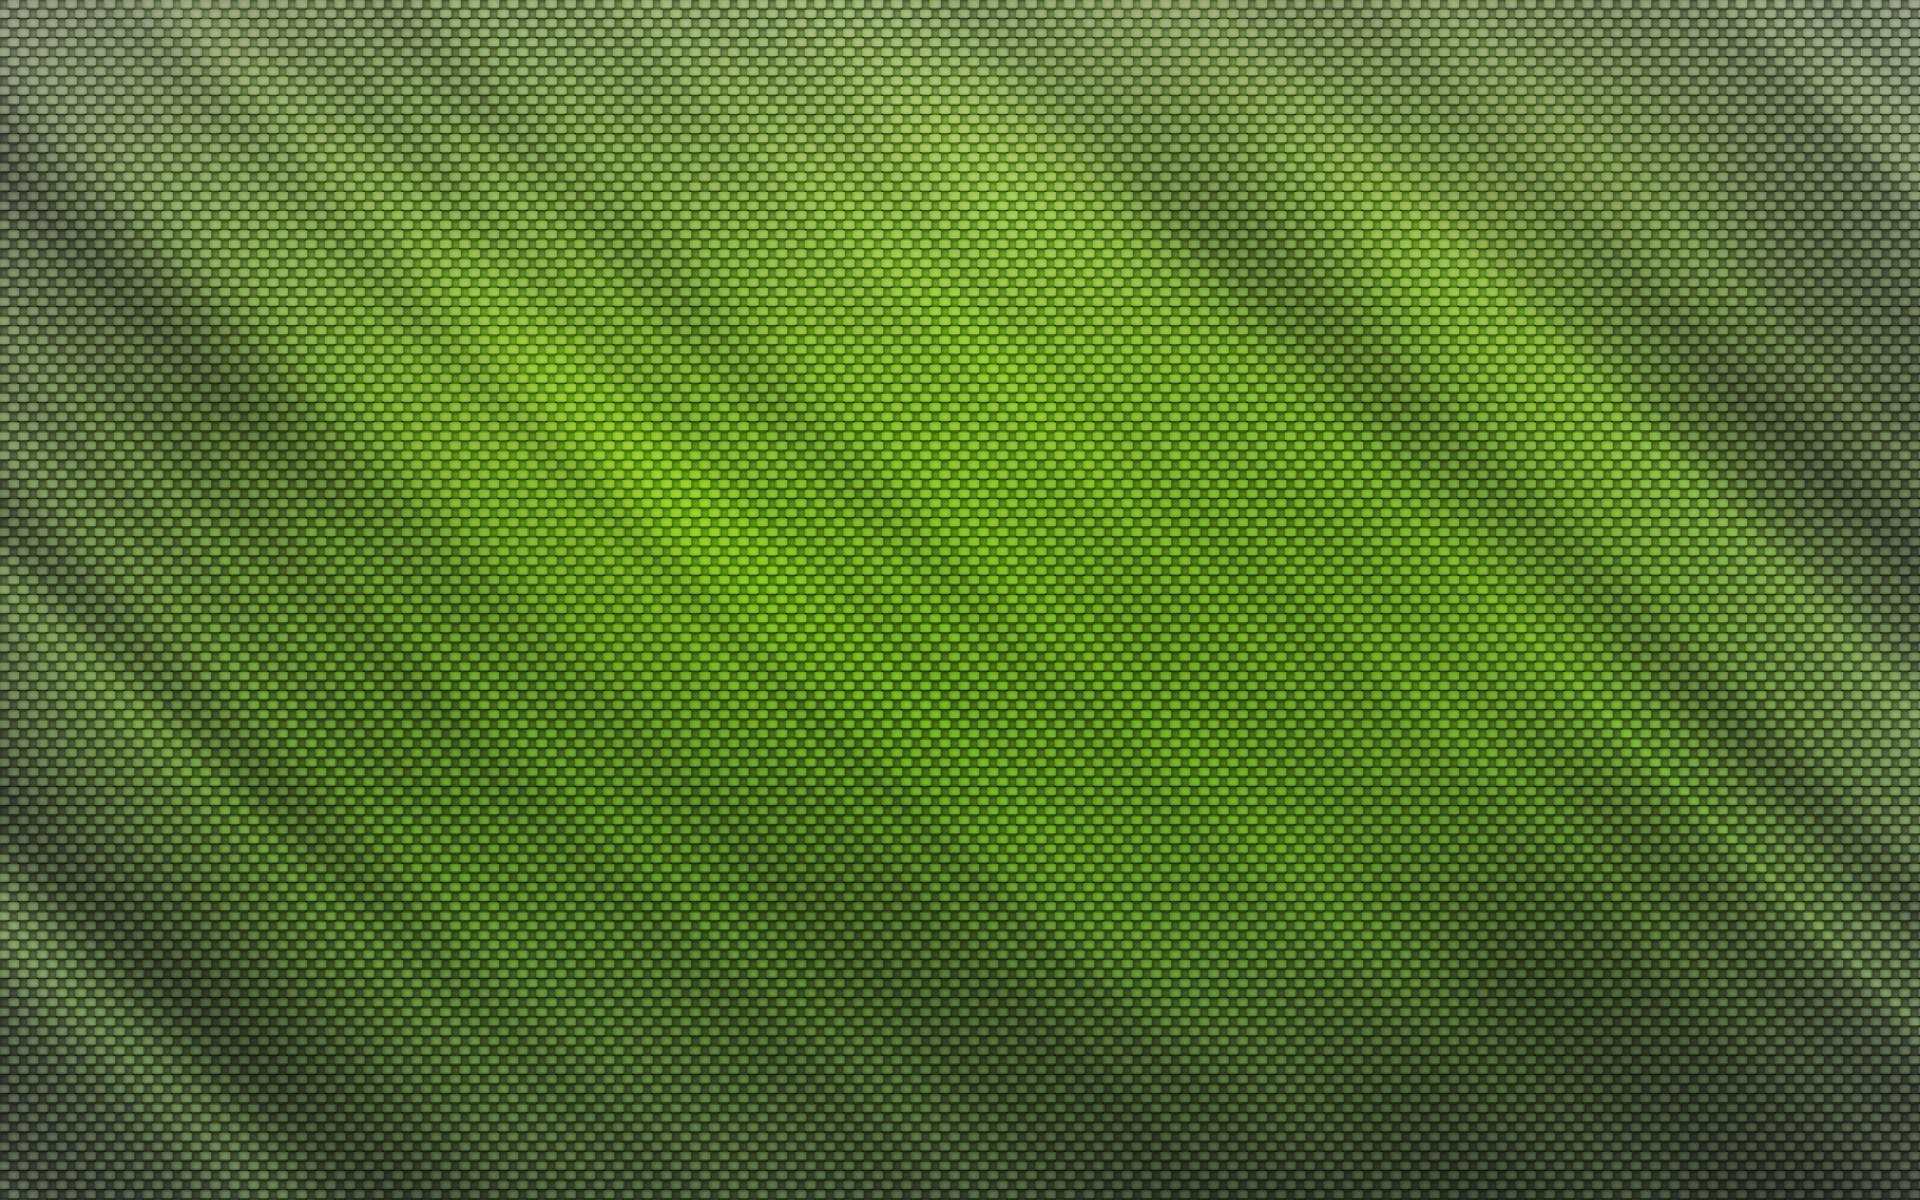 carbon fibre wallpapers wallpaper cave